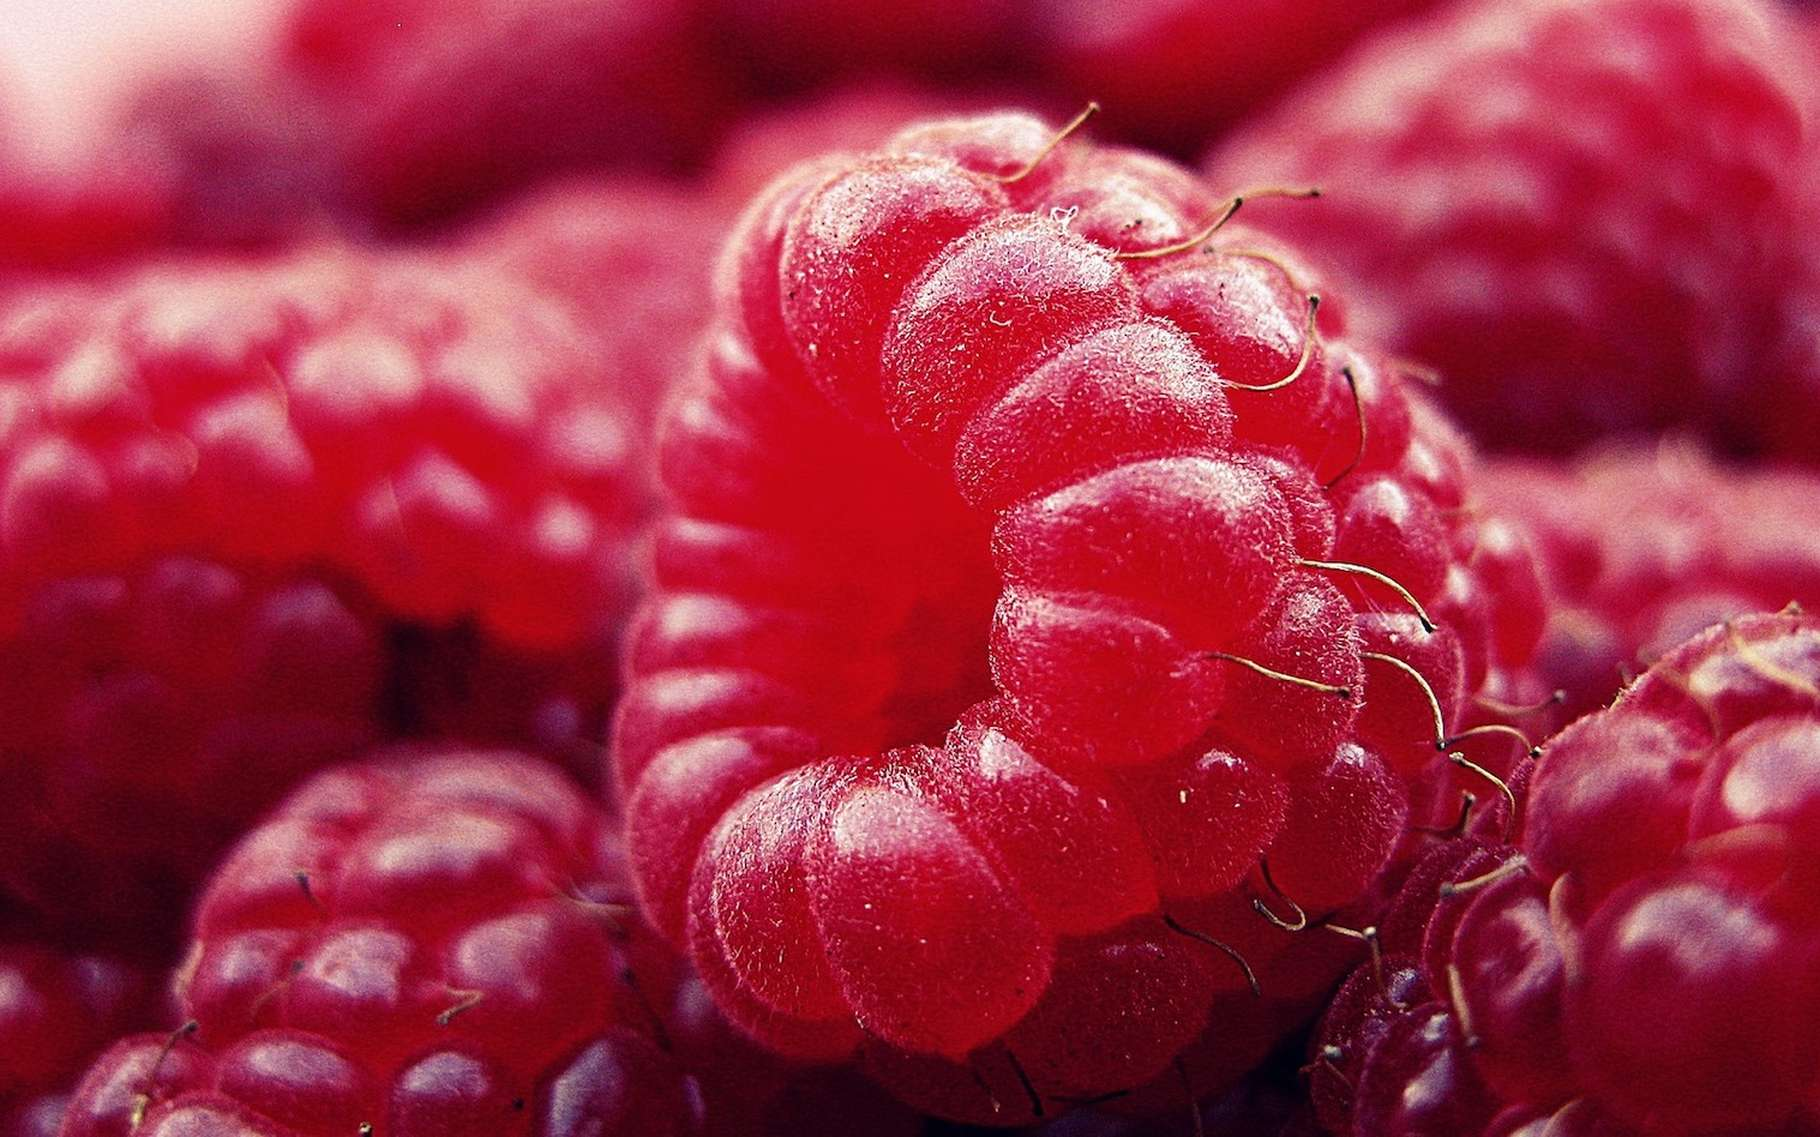 Le formiate d'éthyle est à l'origine du goût des framboises. © DGlodowska, Pixabay, CC0 Creative Commons